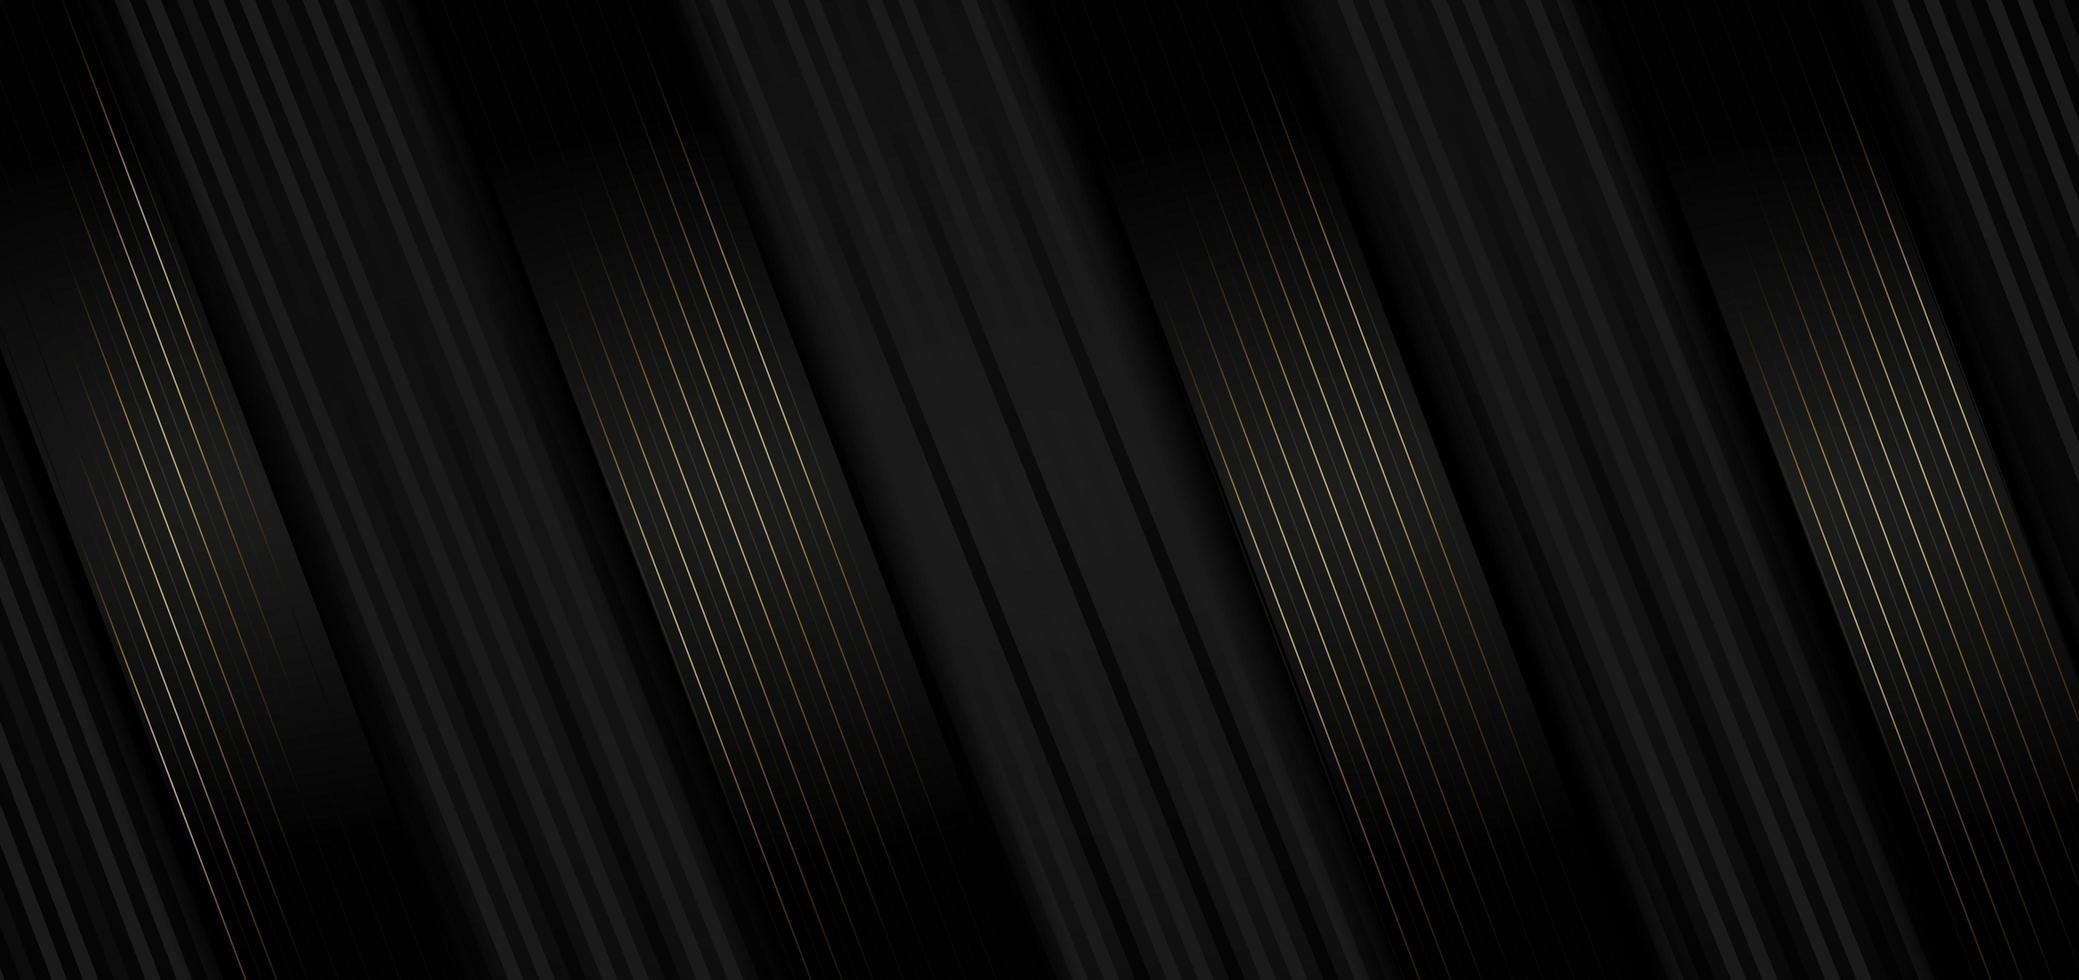 abstracte zwarte streep diagonale geometrische achtergrond vector